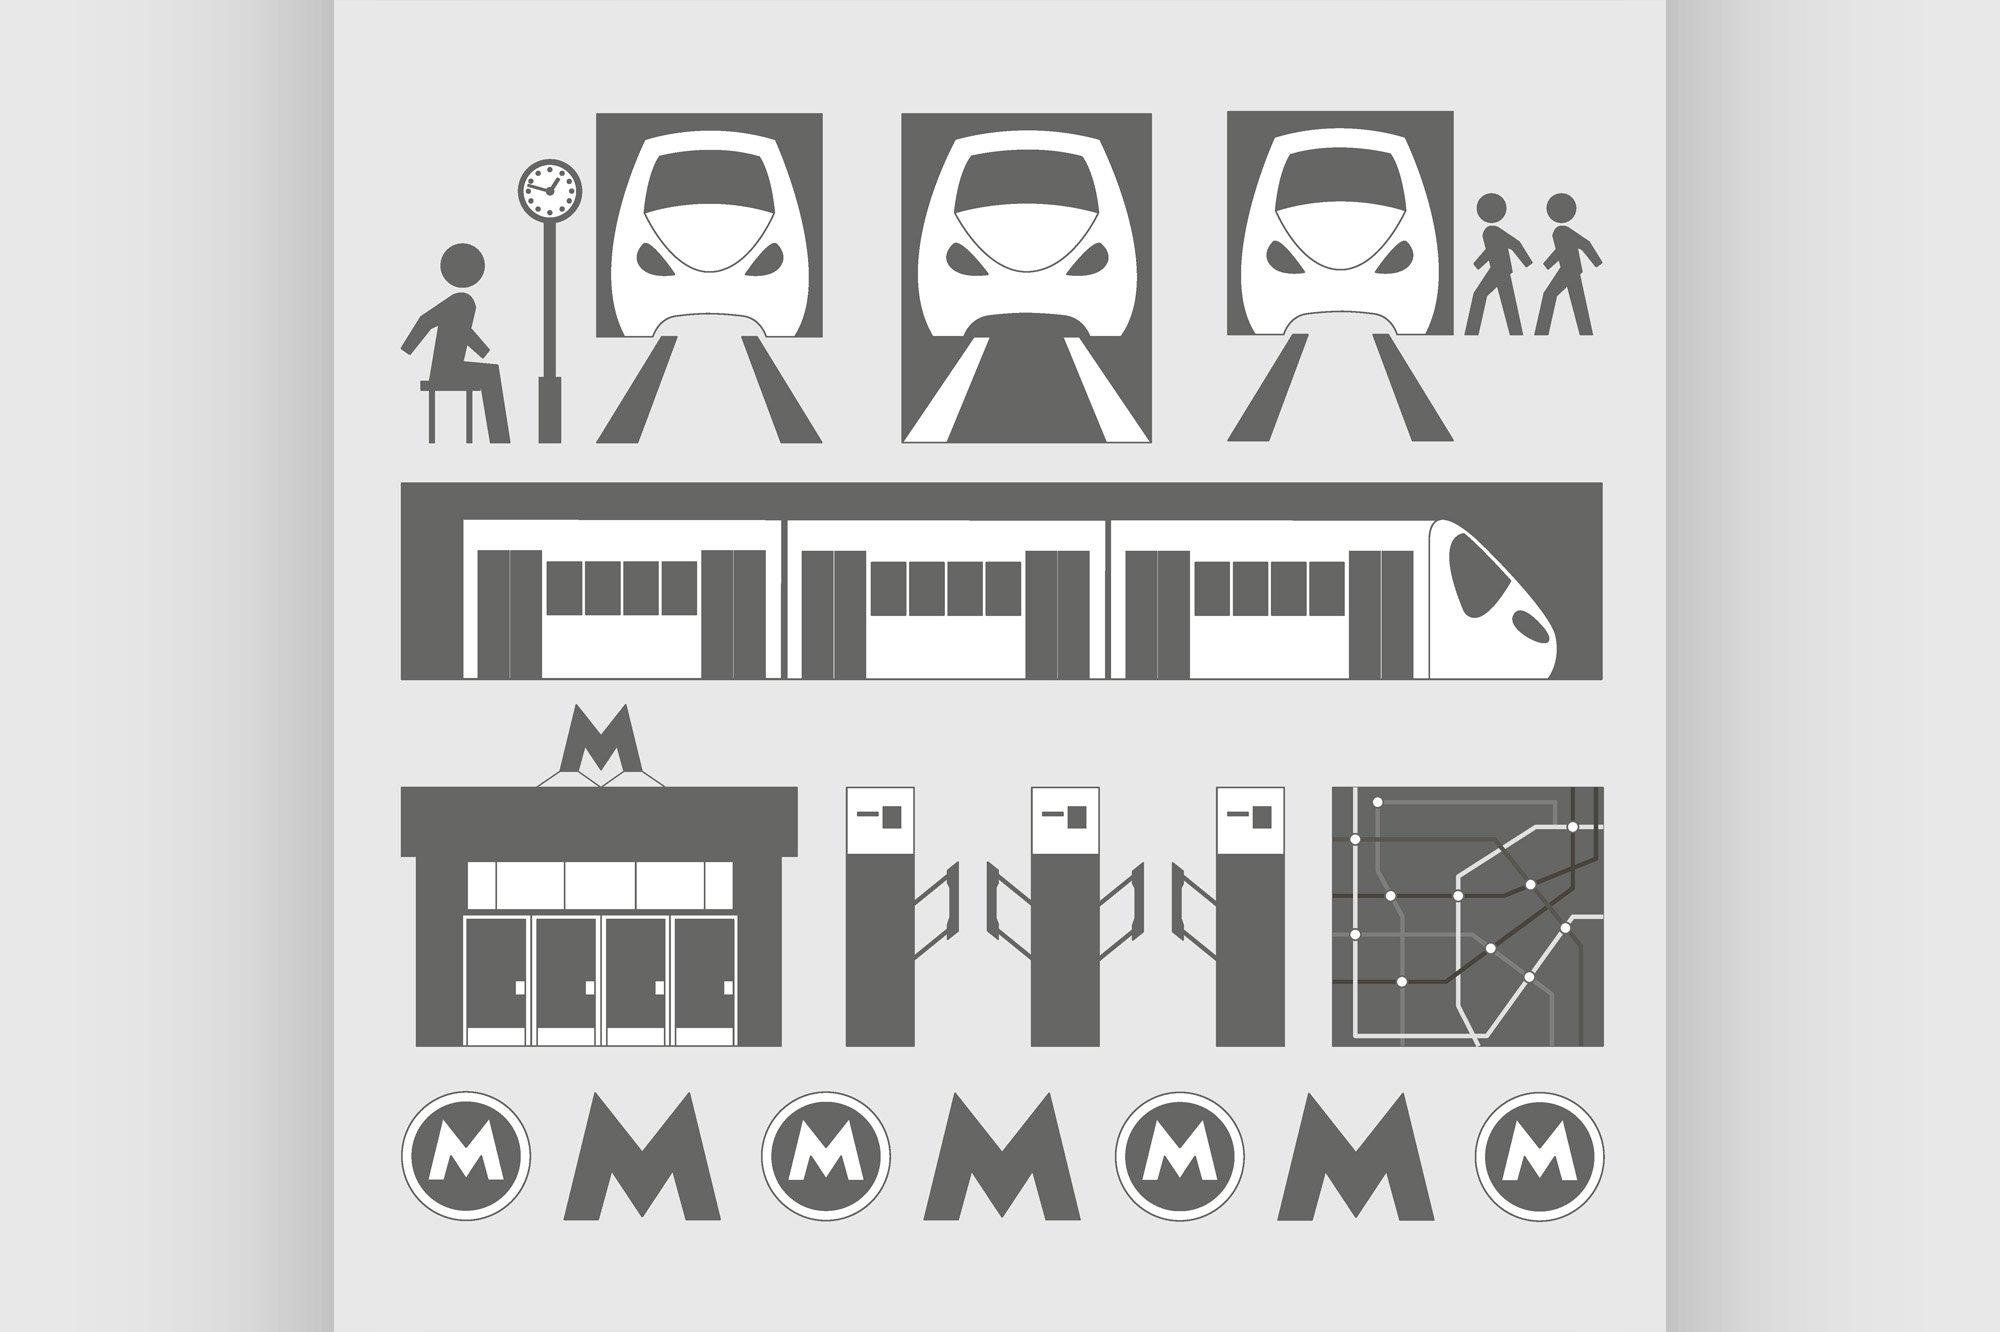 Metro underground symbols example image 1